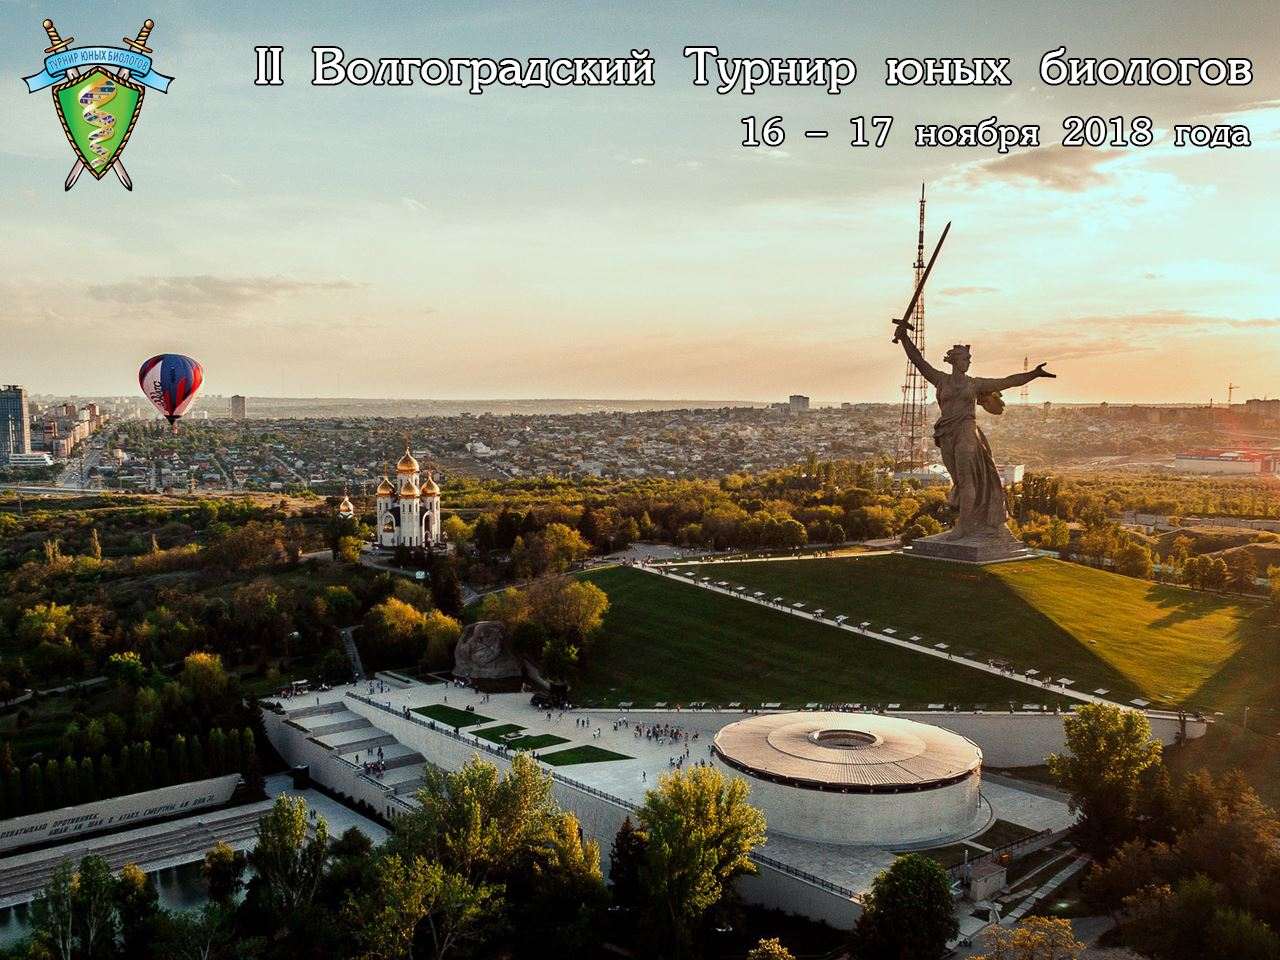 панорамное фото волгограда в хорошем качестве еще